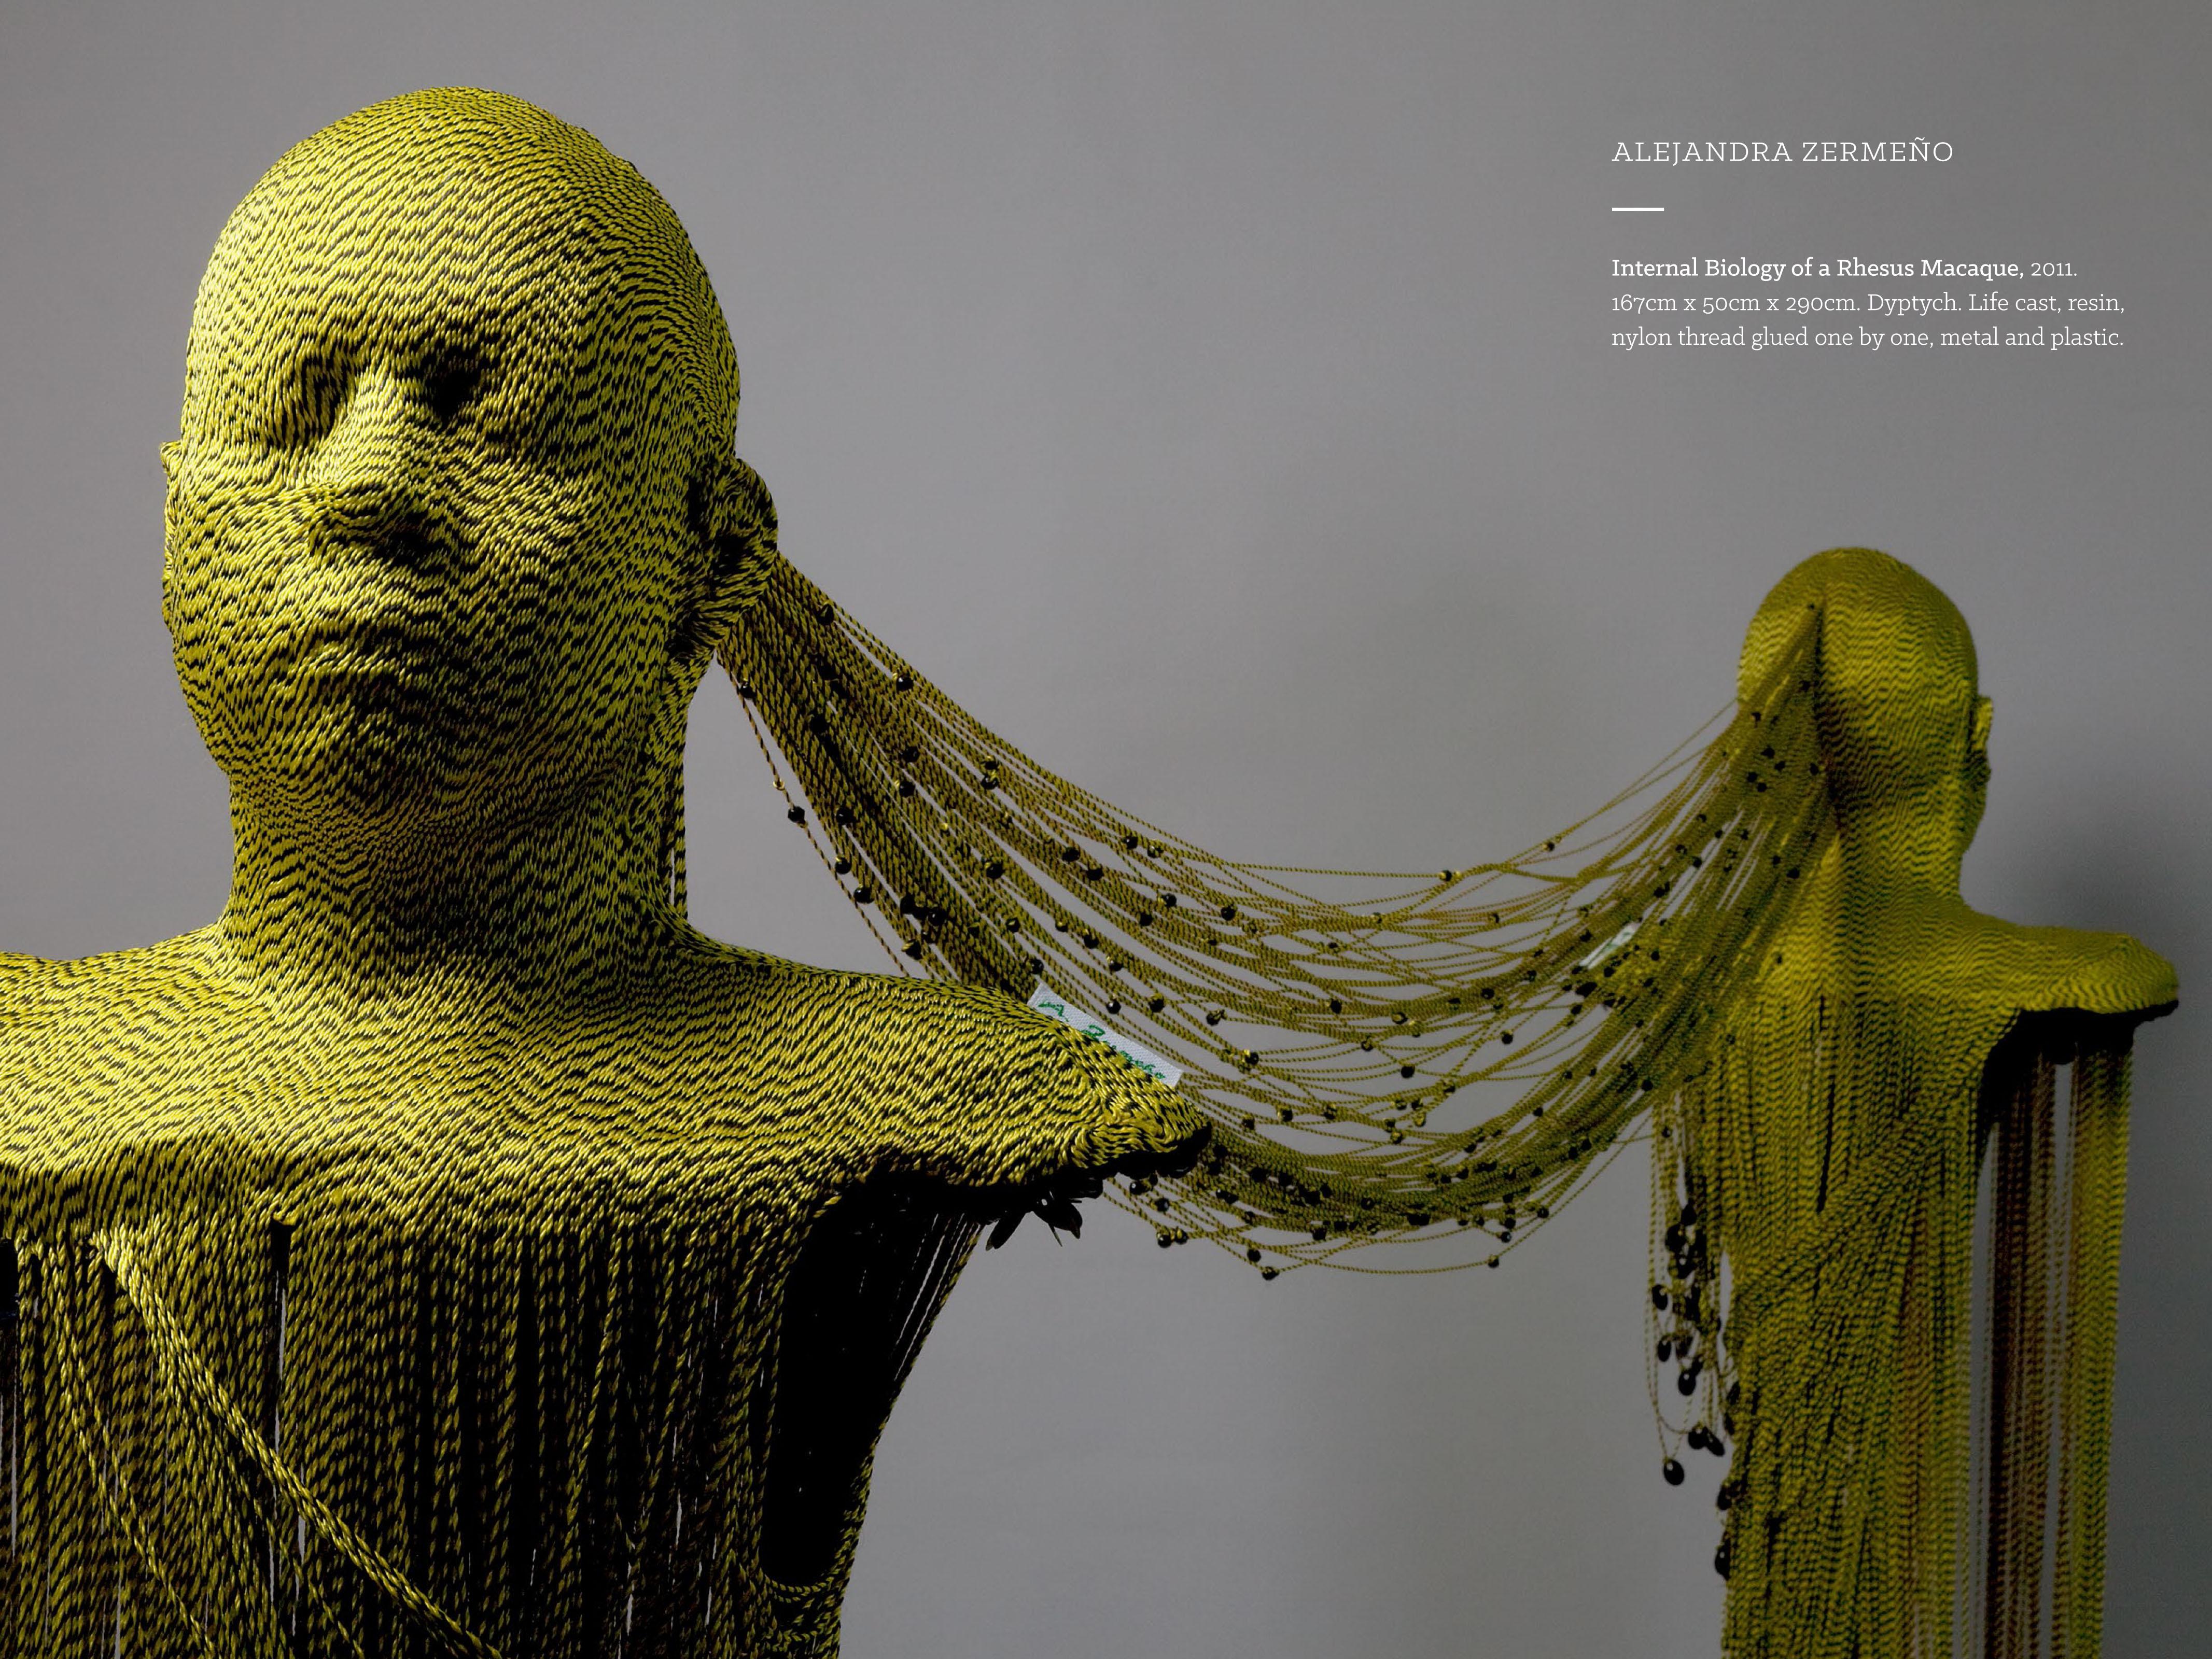 3D mixed media textile art - Alejandra Bermeno